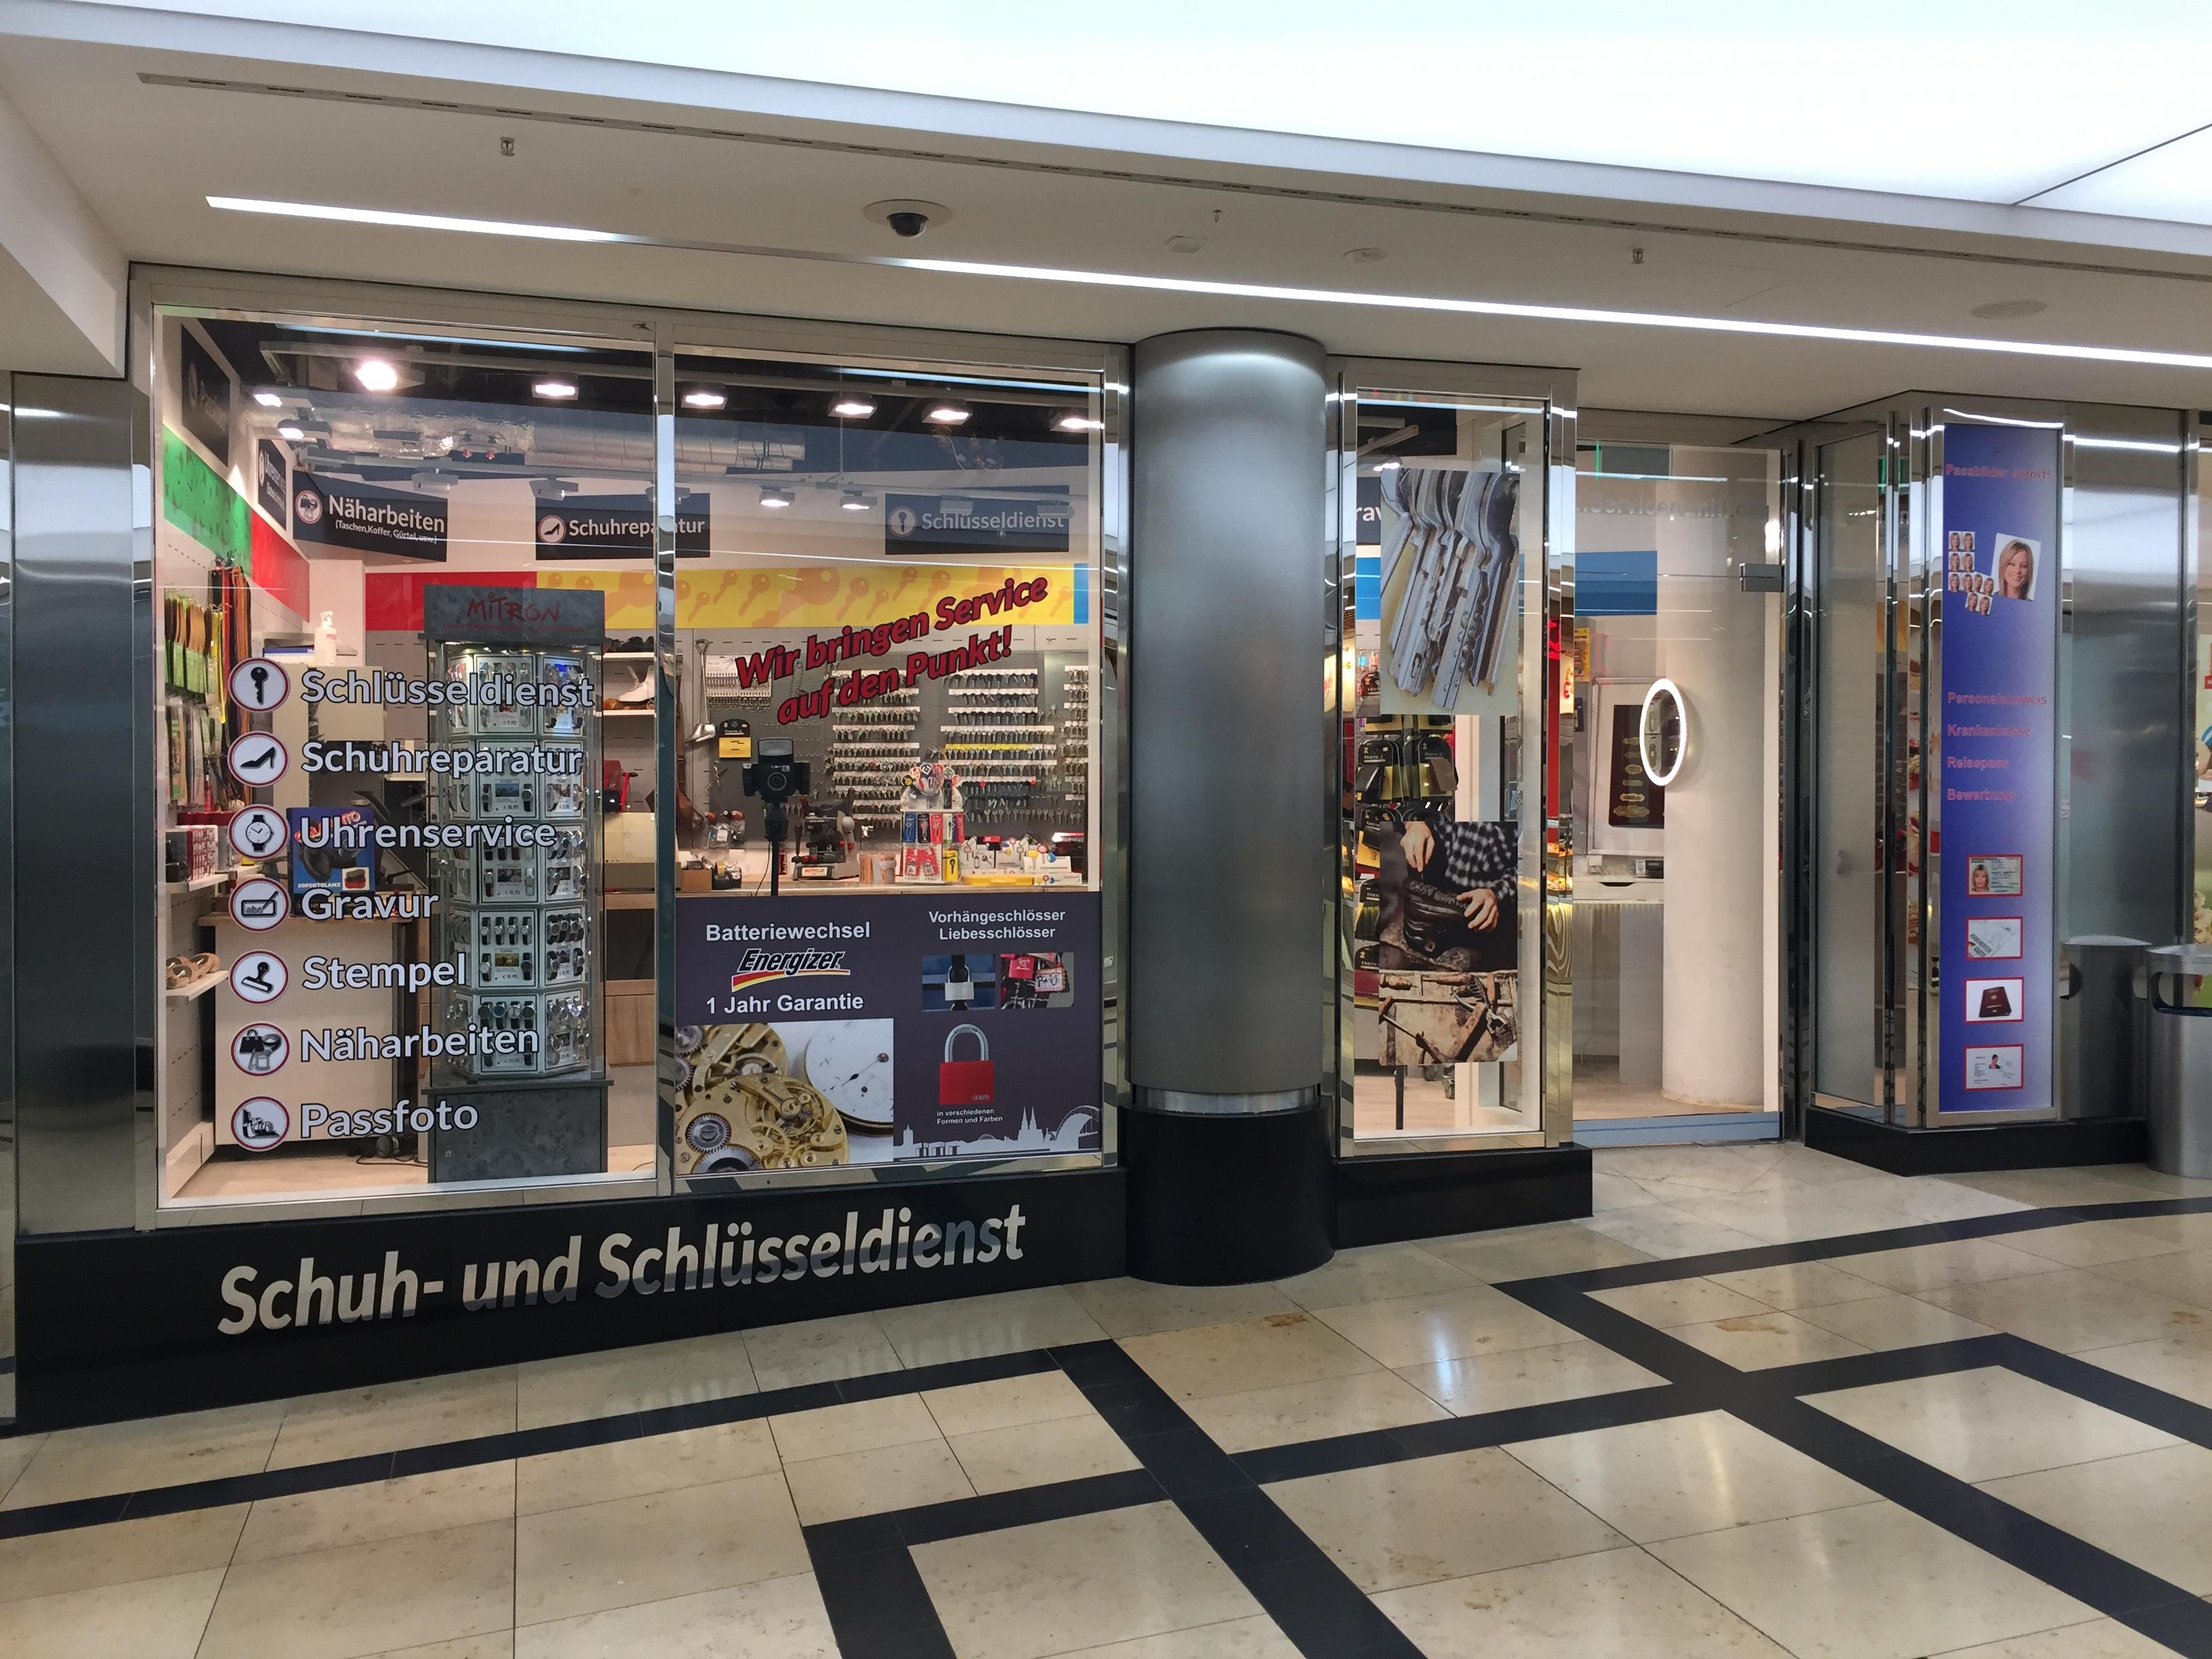 Verglasung Neumarkt Galerie Schlüsseldienst